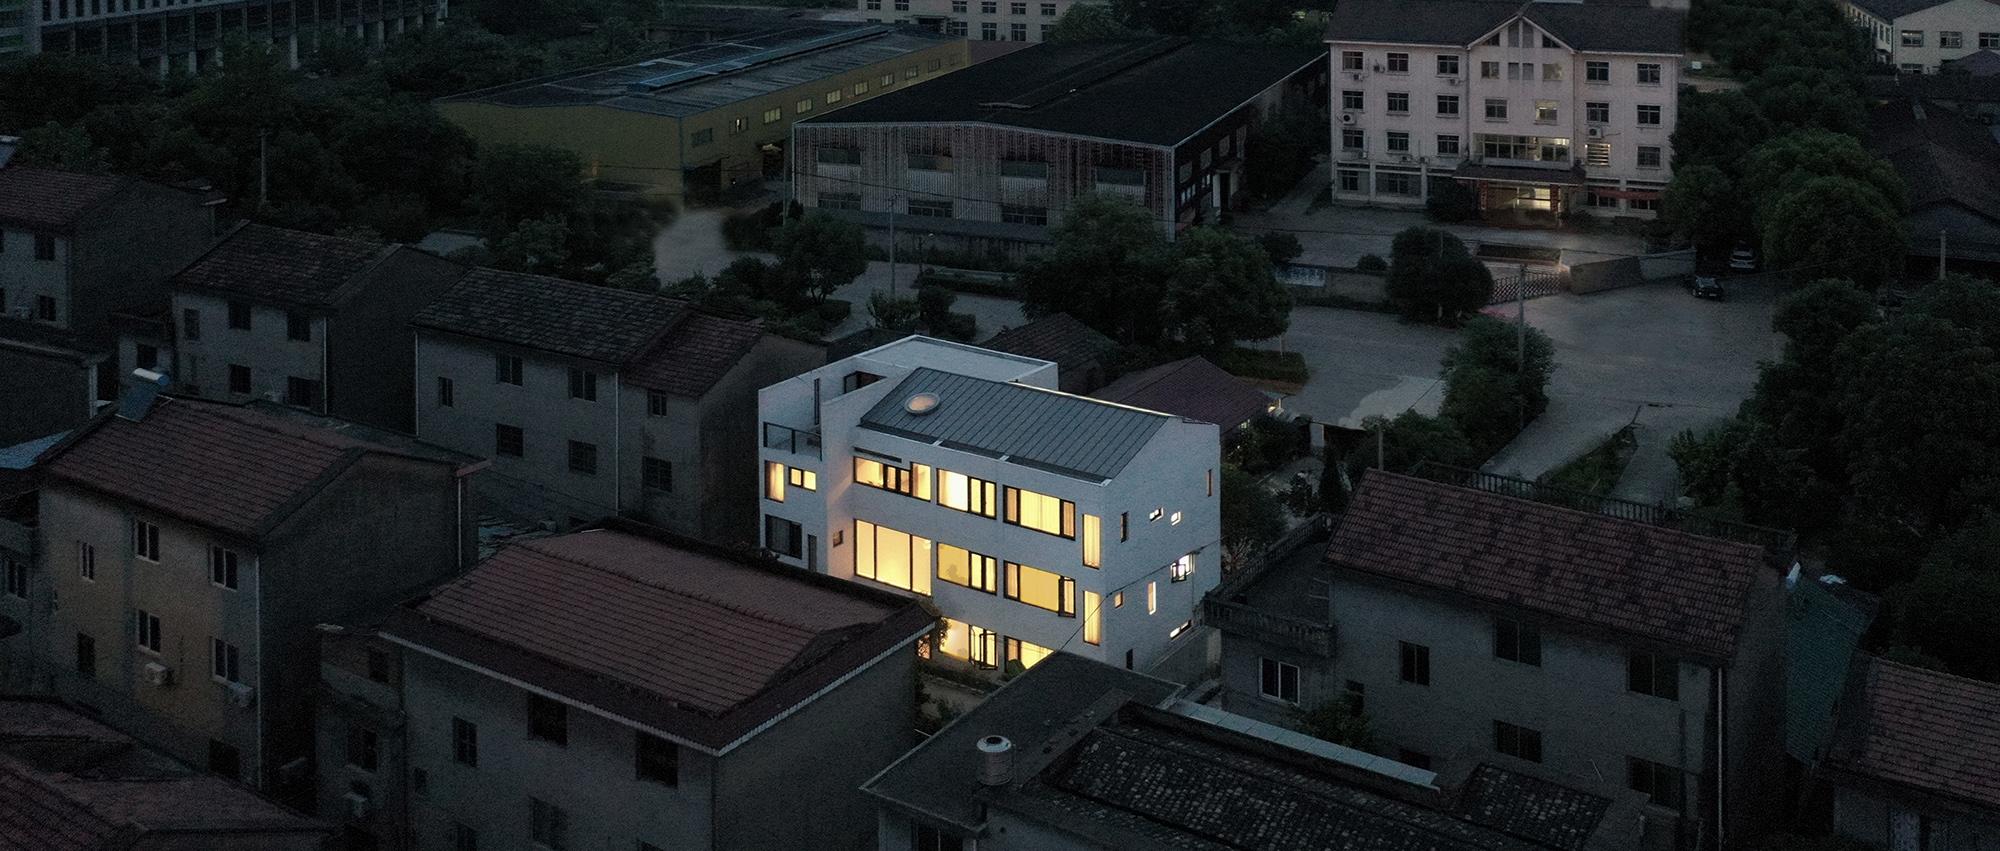 郦文曦建筑事务所:间之家/MA House